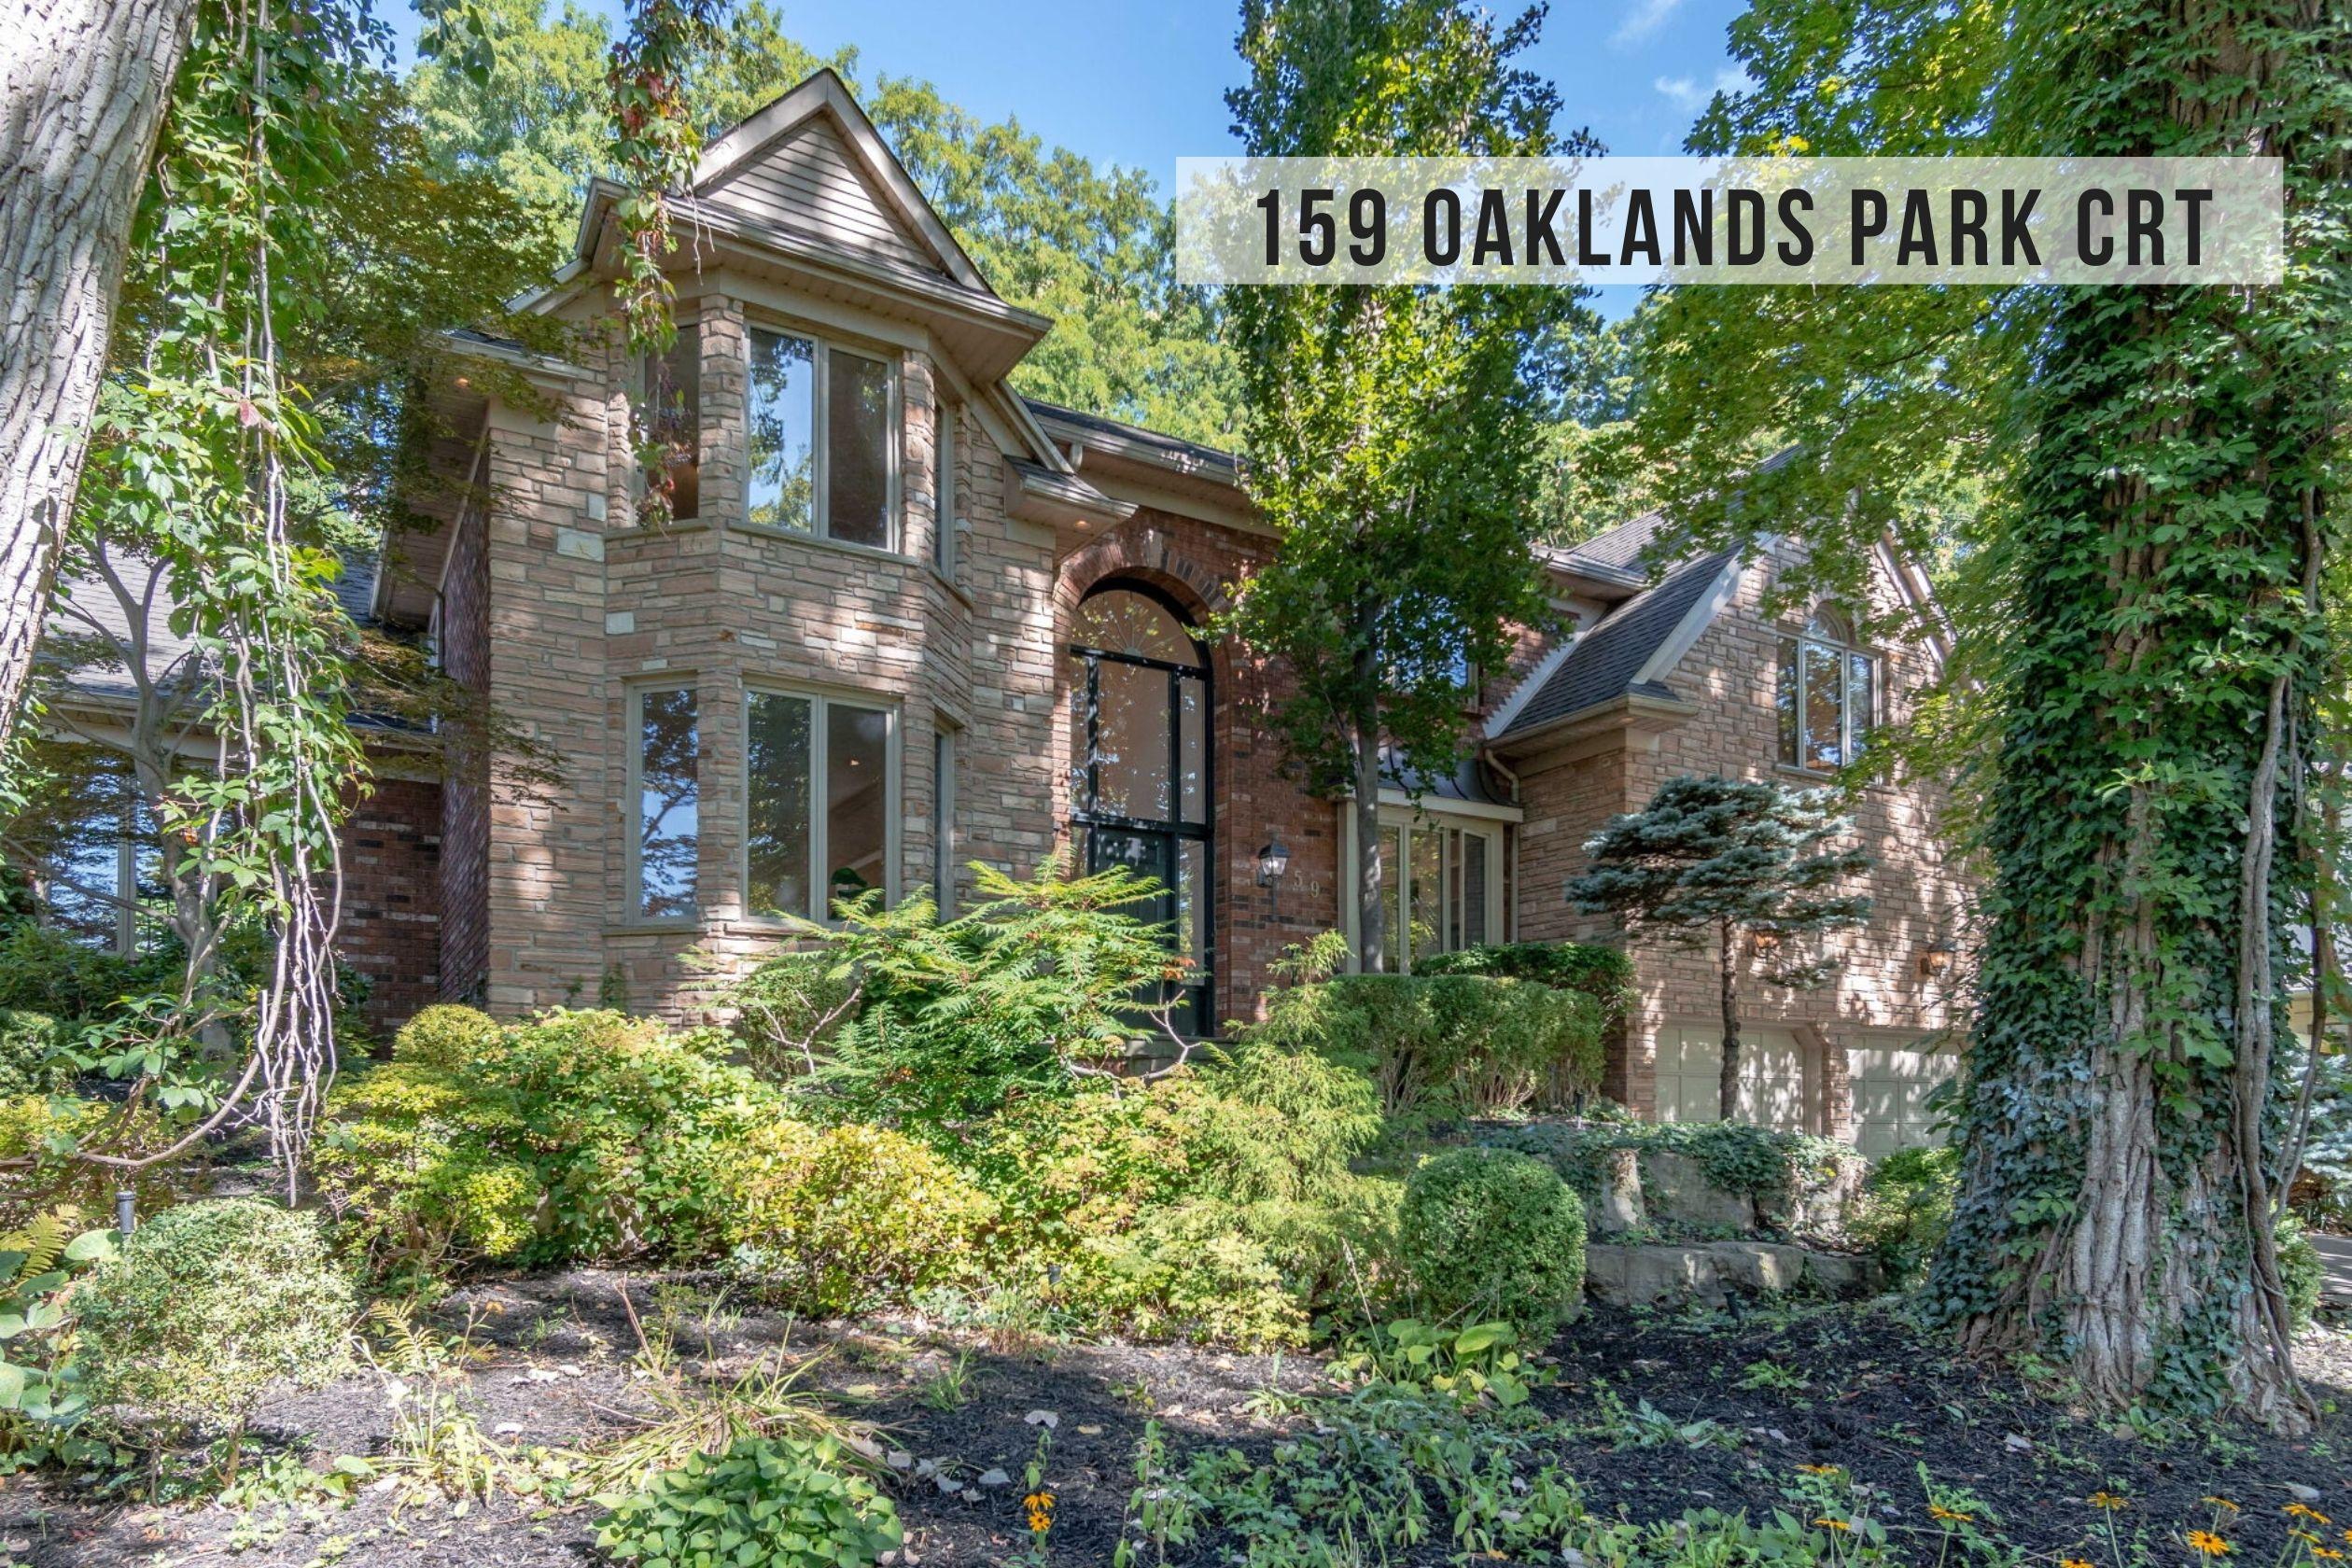 $2,388,000 • 159 Oaklands Park Crt